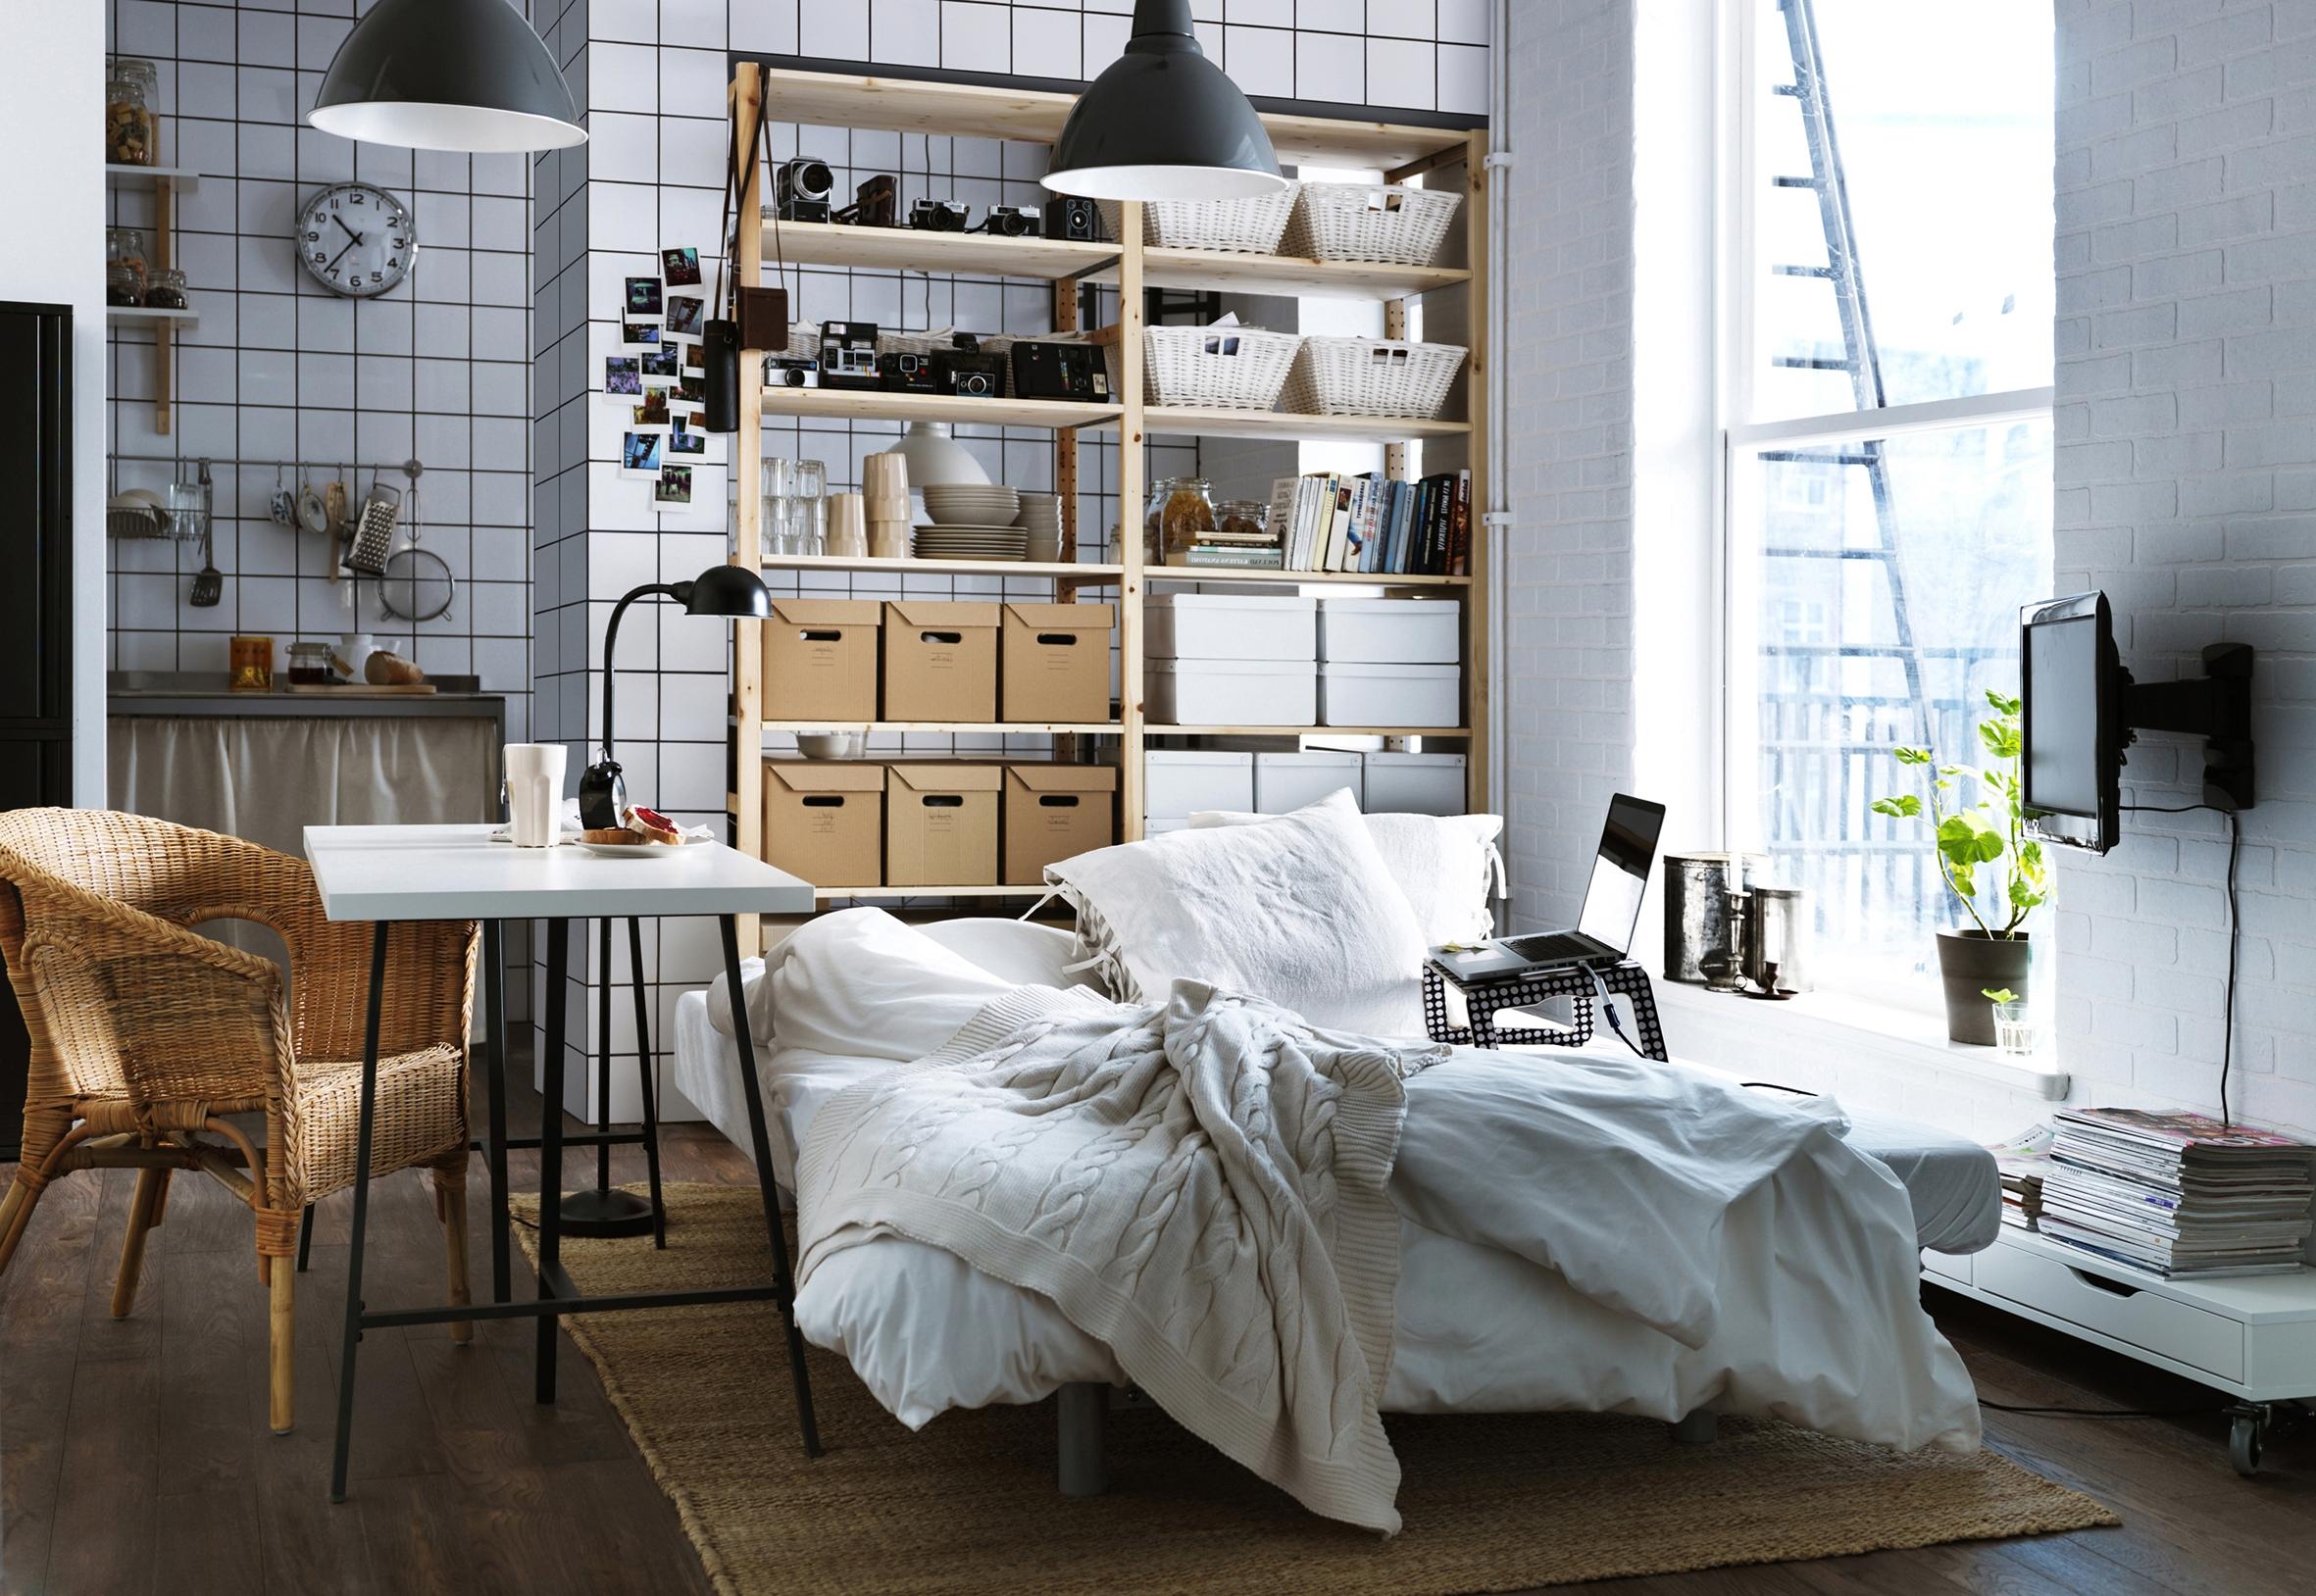 Mur De Rangement Salon studio : nos 30 idées de rangements bien pensés - elle